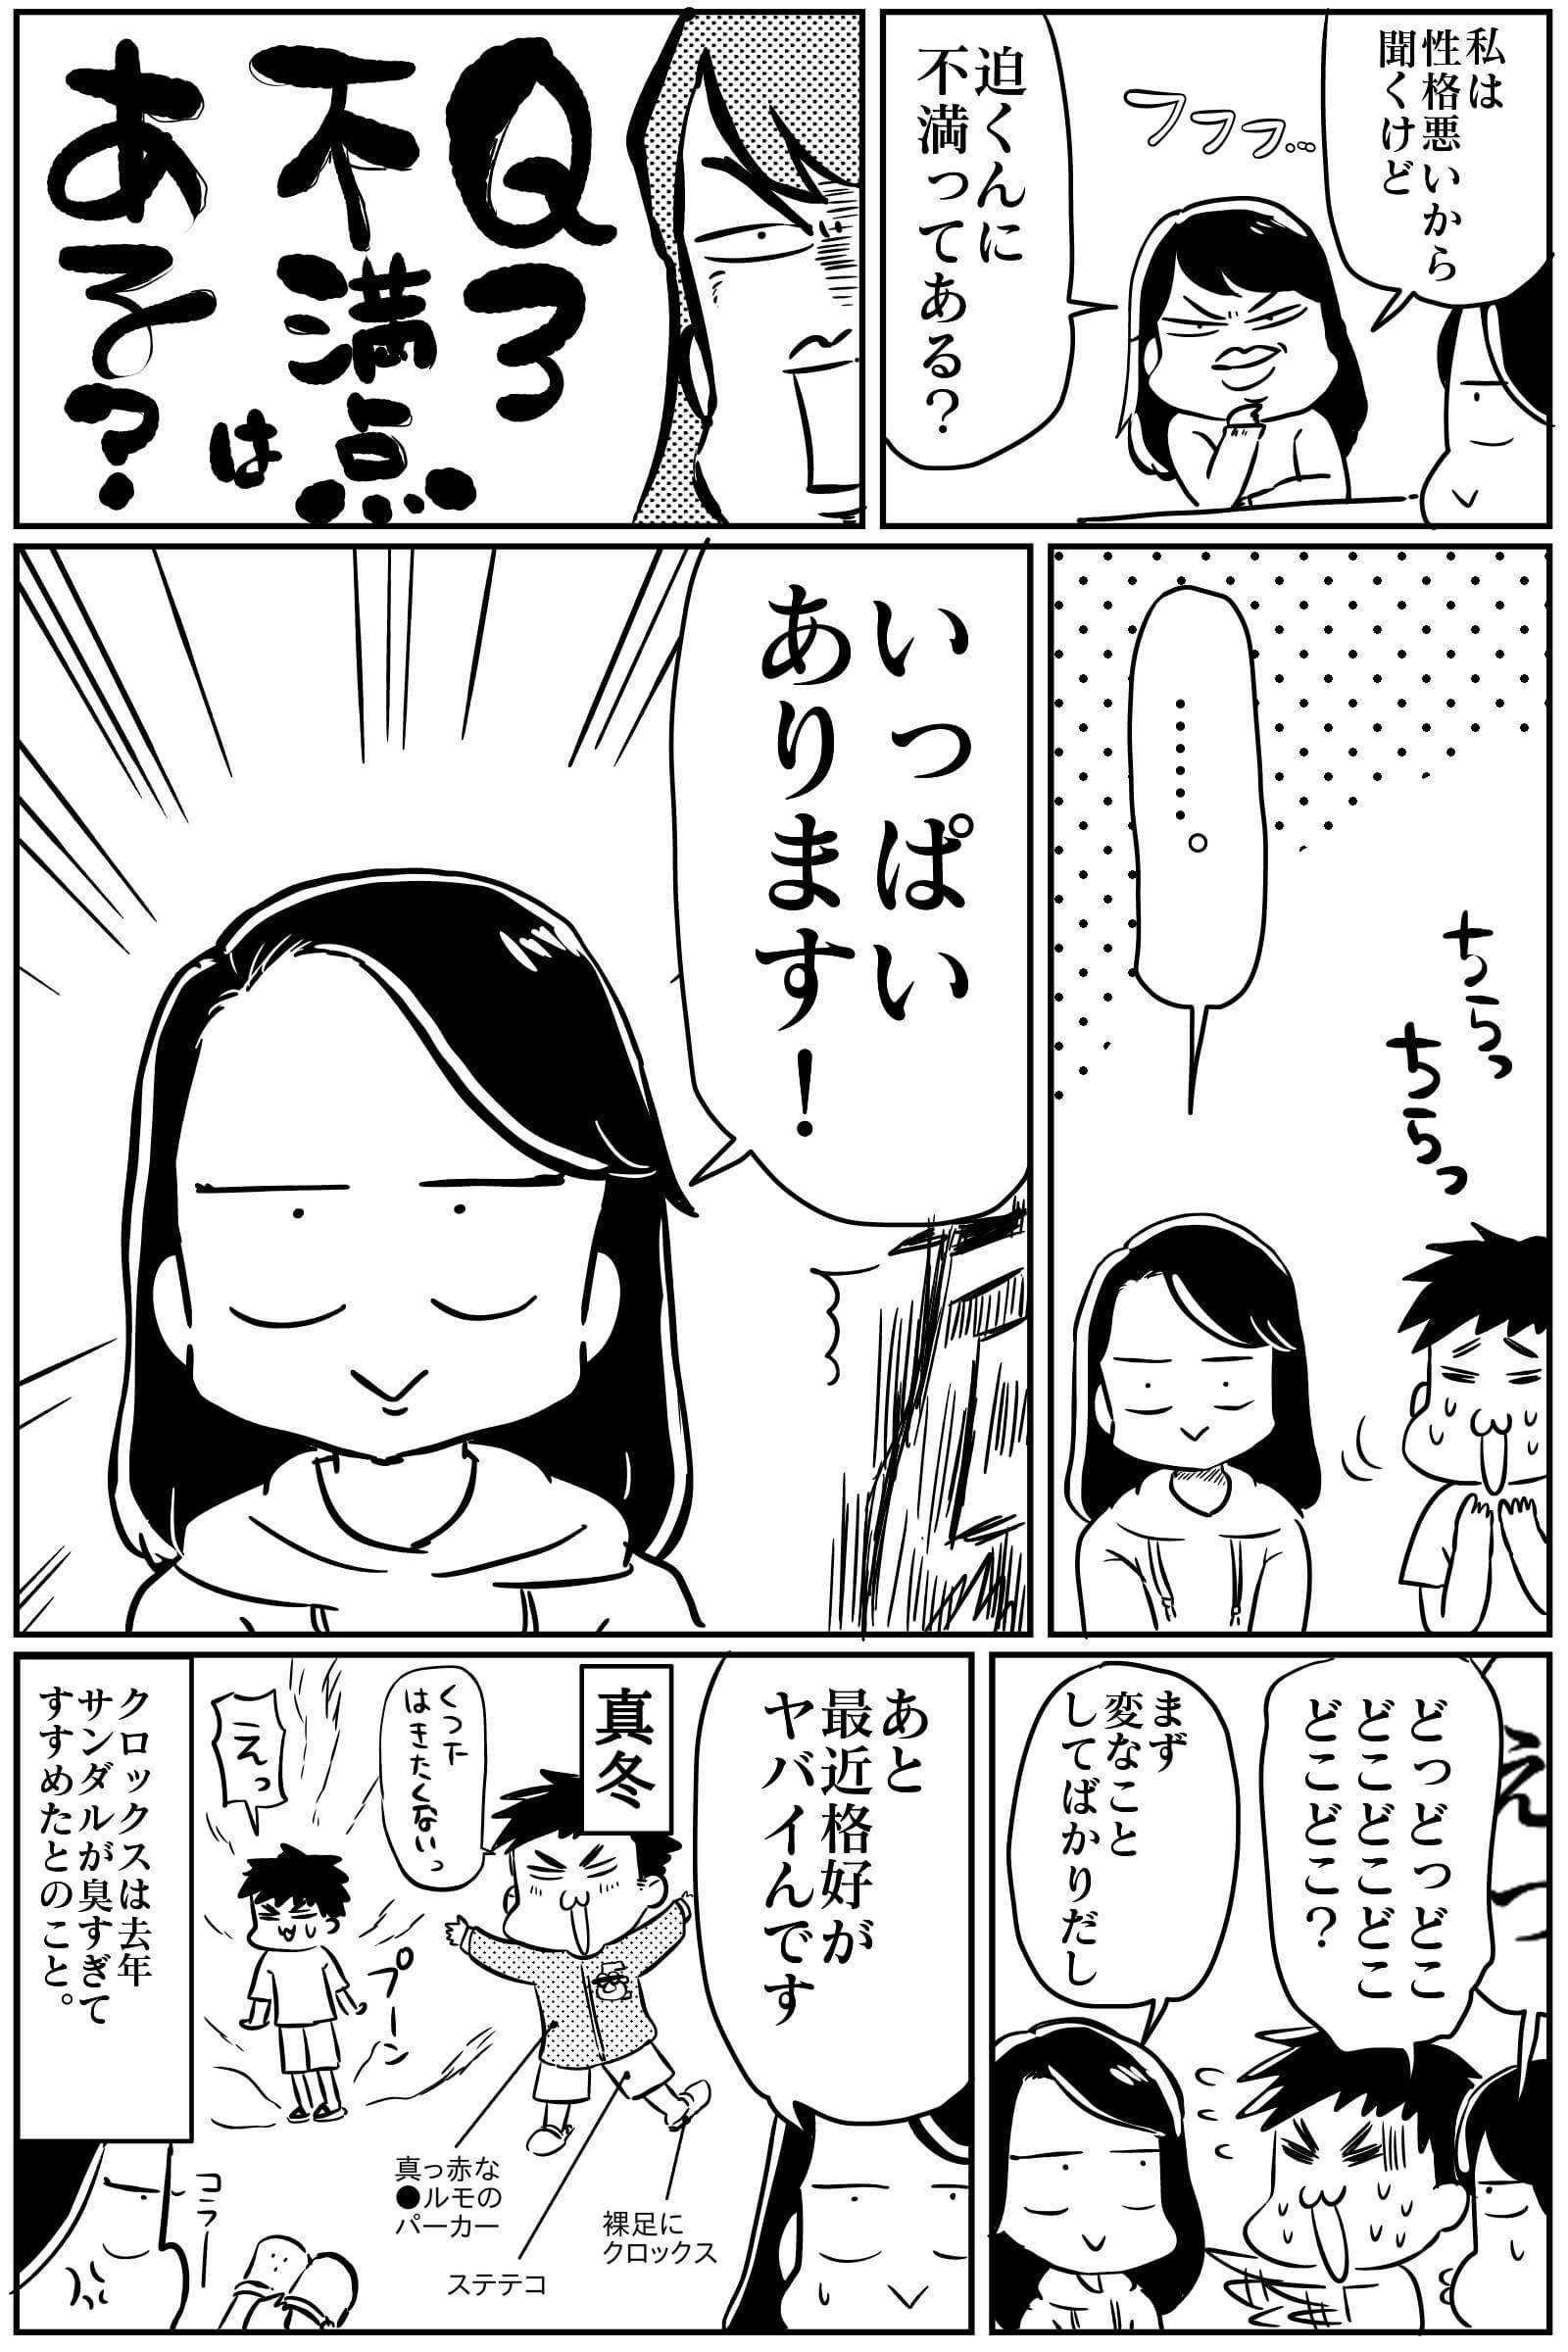 迫君漫画7